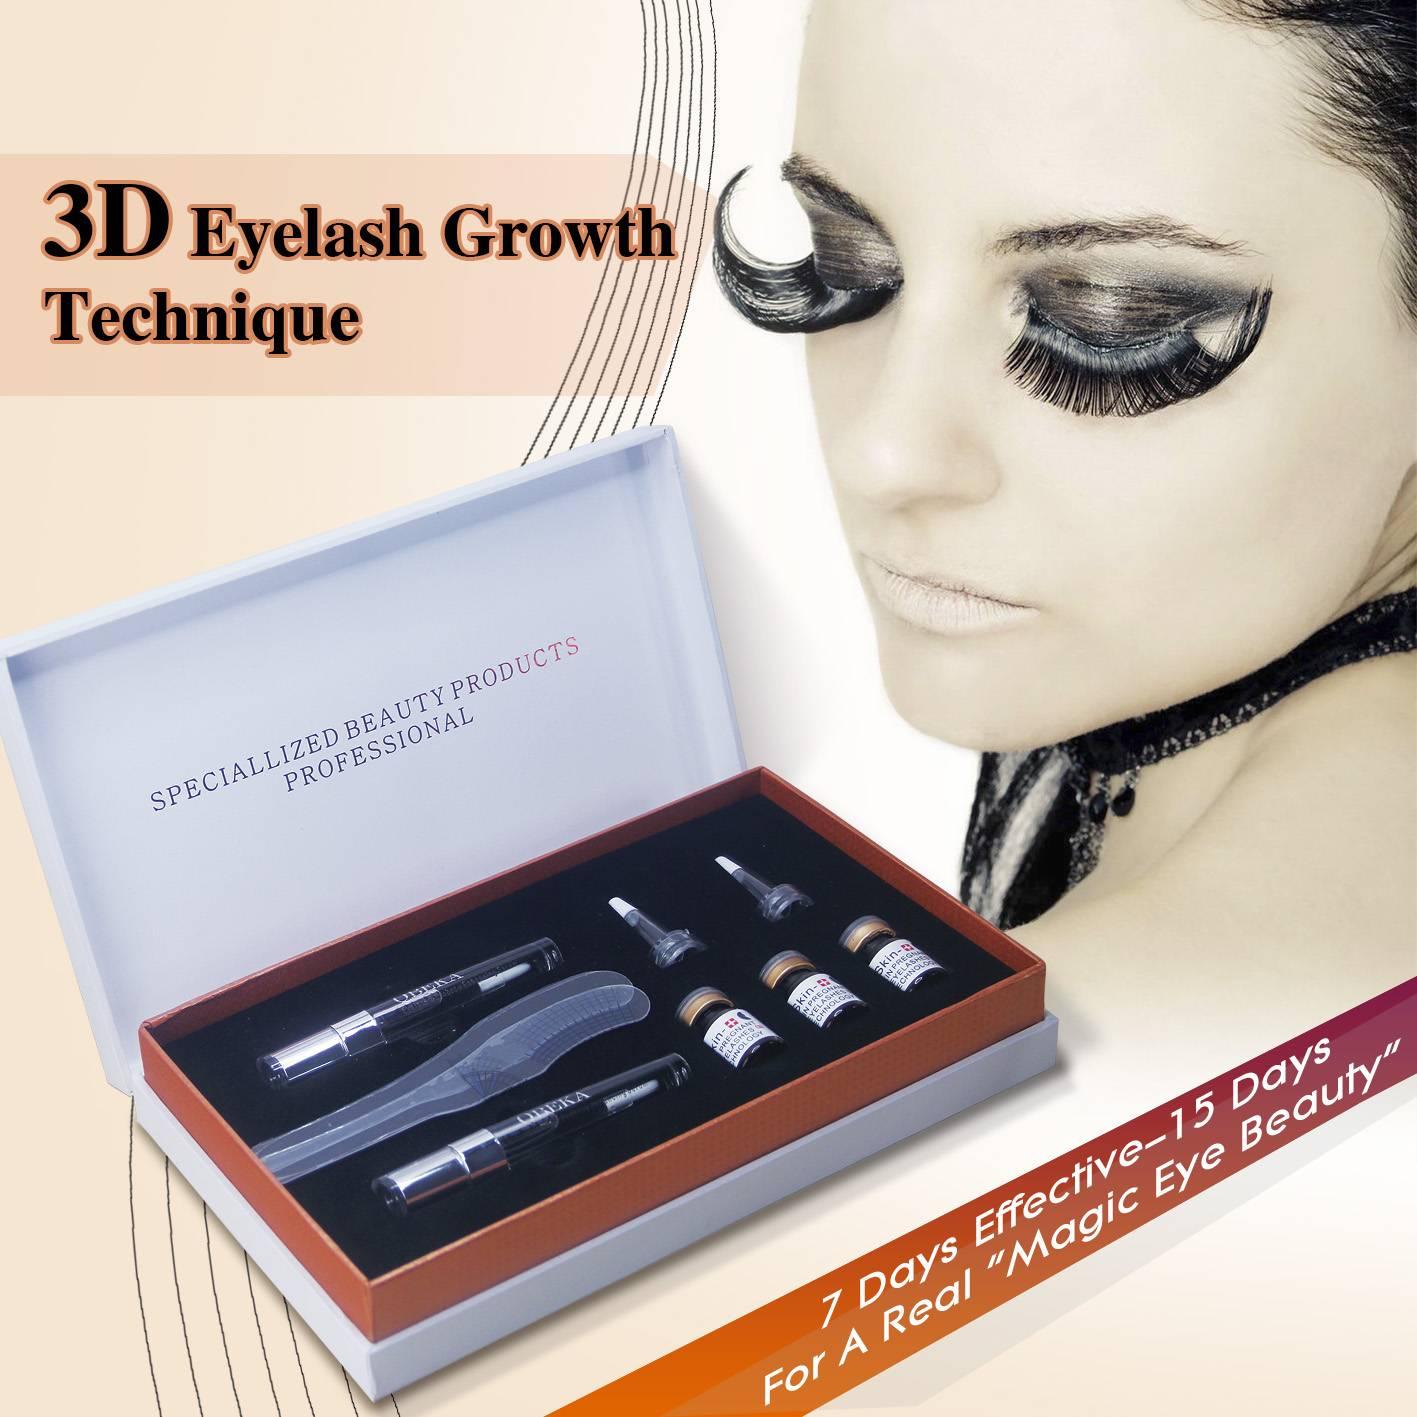 3D EYELASH GROWTH TECHNIQUE